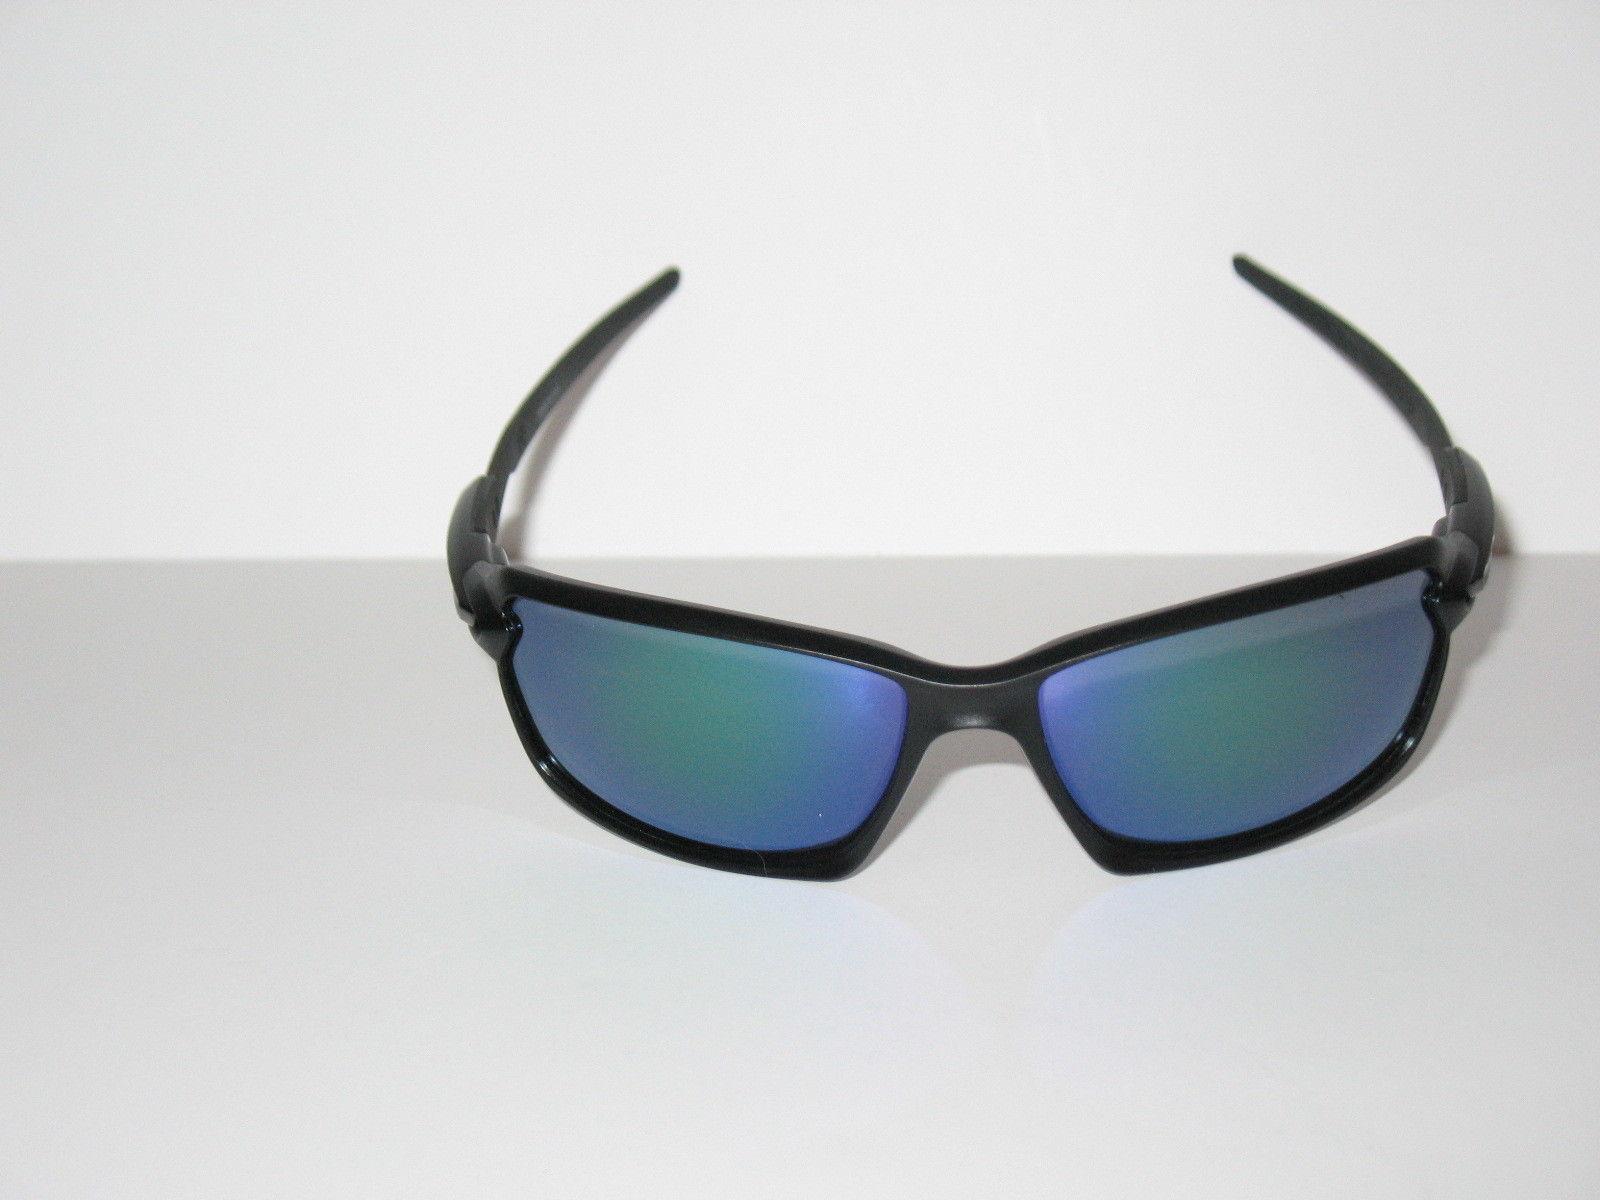 4f5519d776 57. 57. Previous. Oakley Carbon Shift Sunglasses Matte Black  Jade Iridium  OO9302-07. Oakley Carbon Shift ...